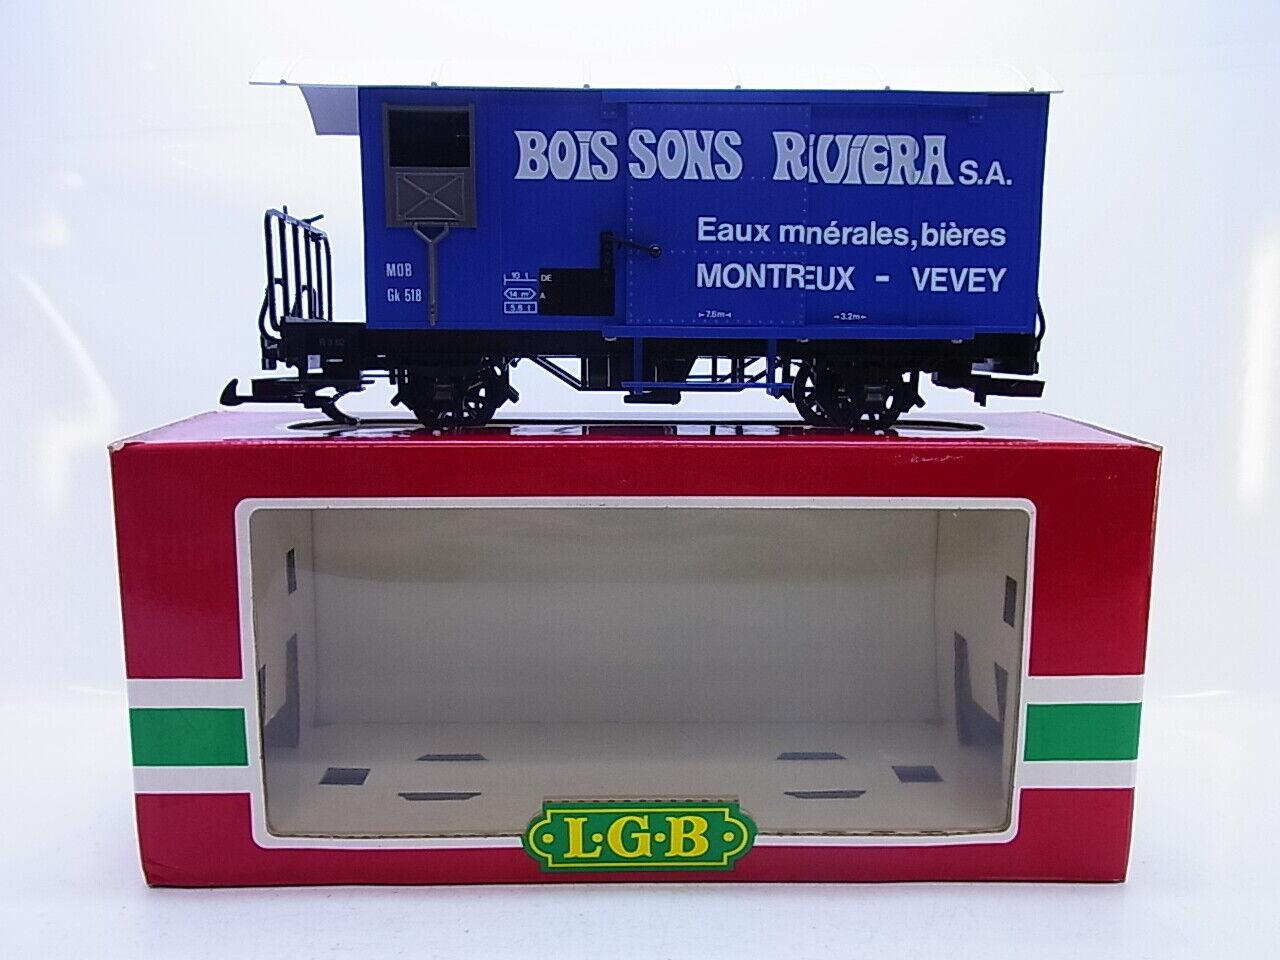 60505 LGB 4029 autori merci MOB GK 518 boissons Riviera Montreux Traccia G IN SCATOLA ORIGINALE